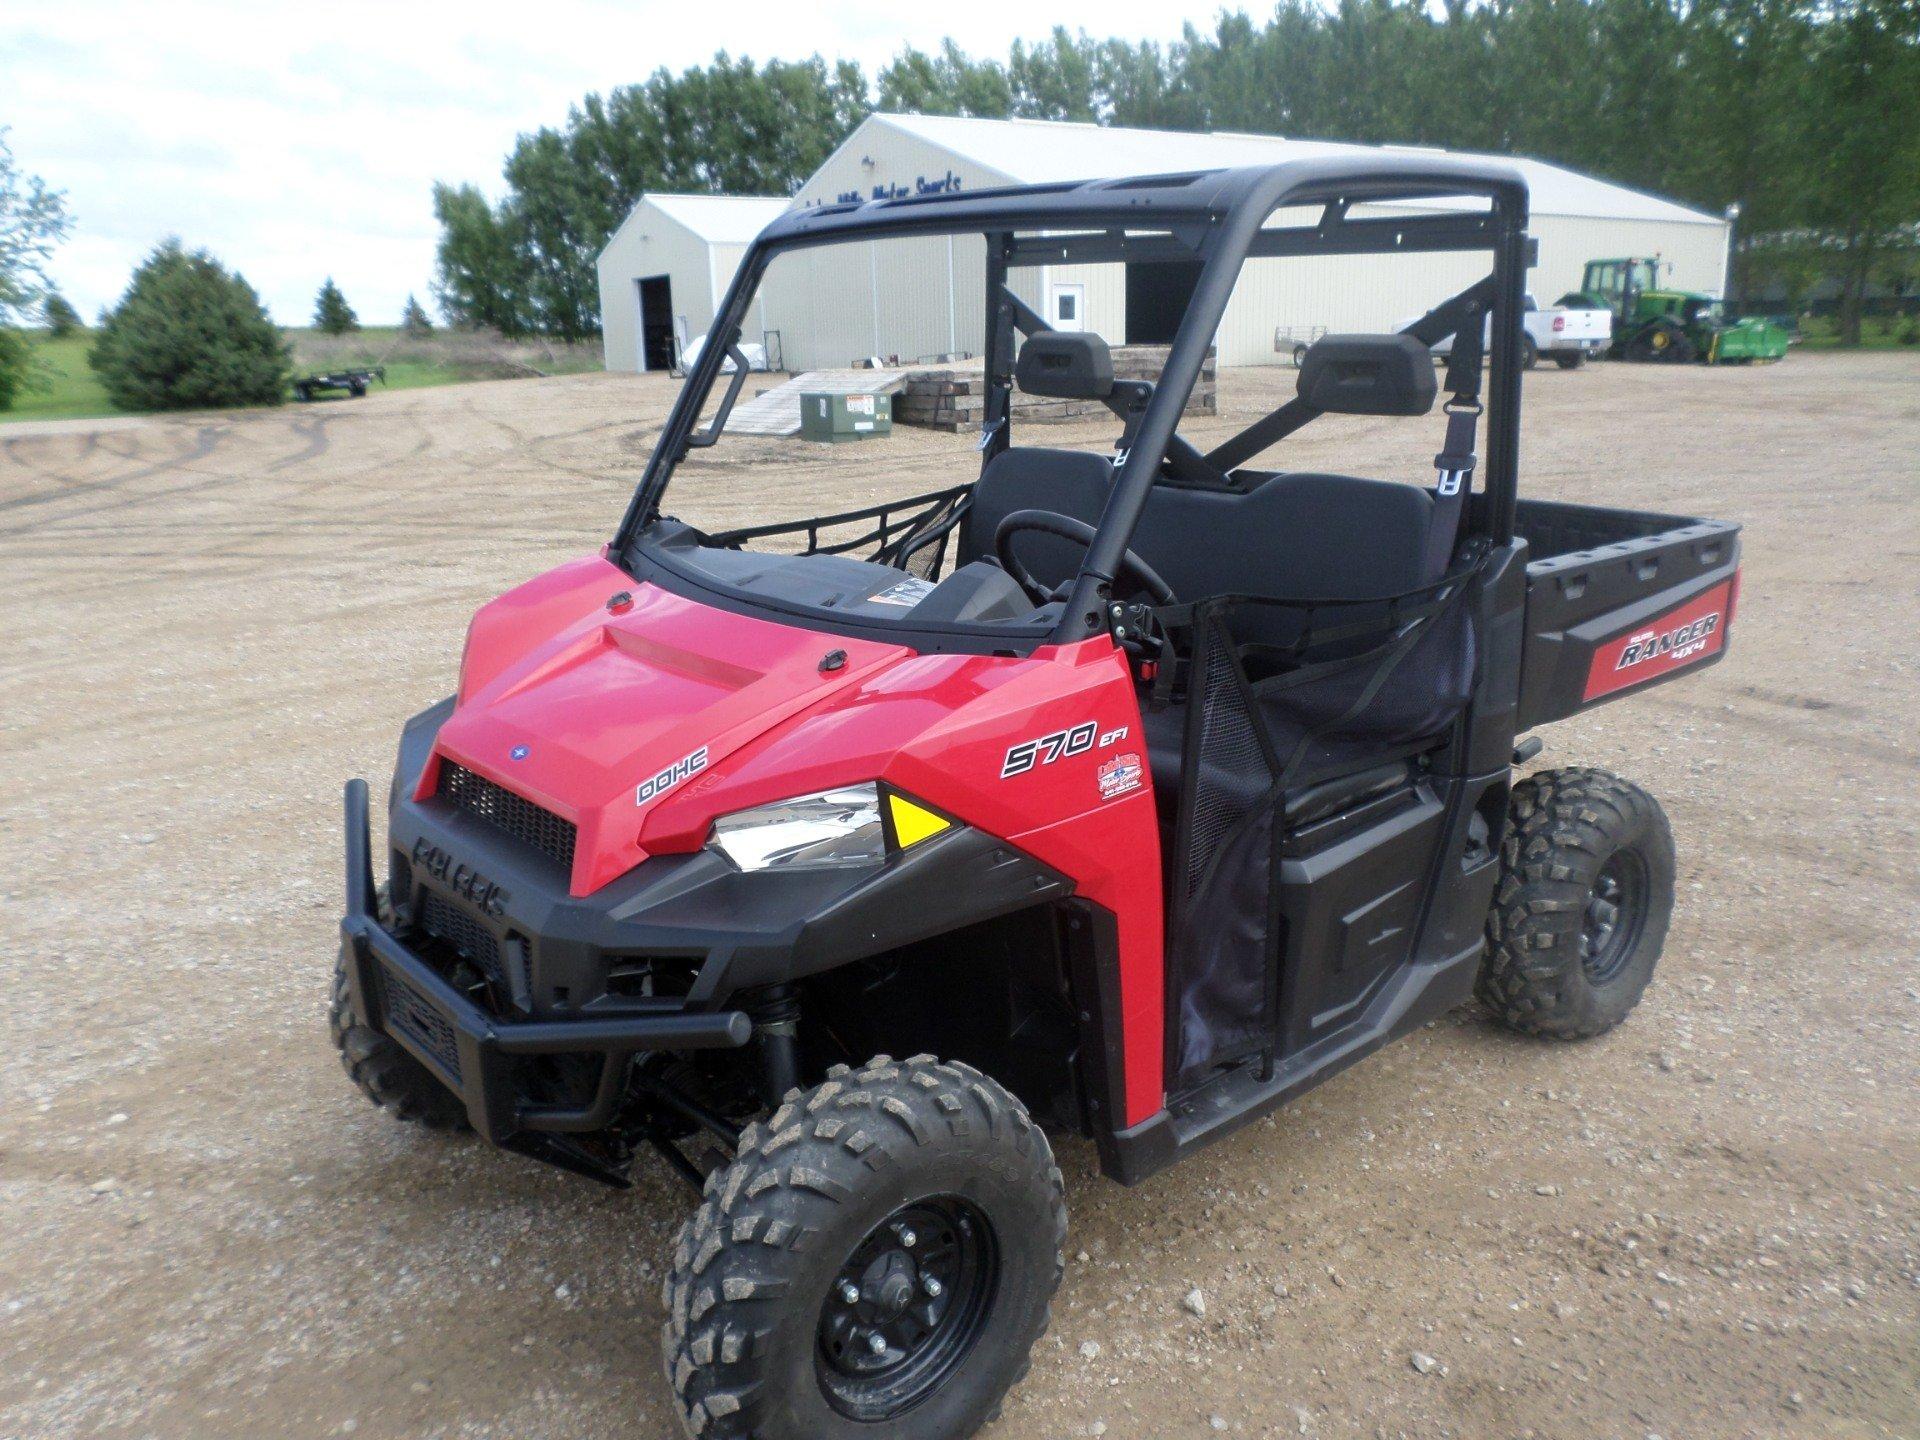 2015 Polaris Ranger570 Full Size for sale 52944